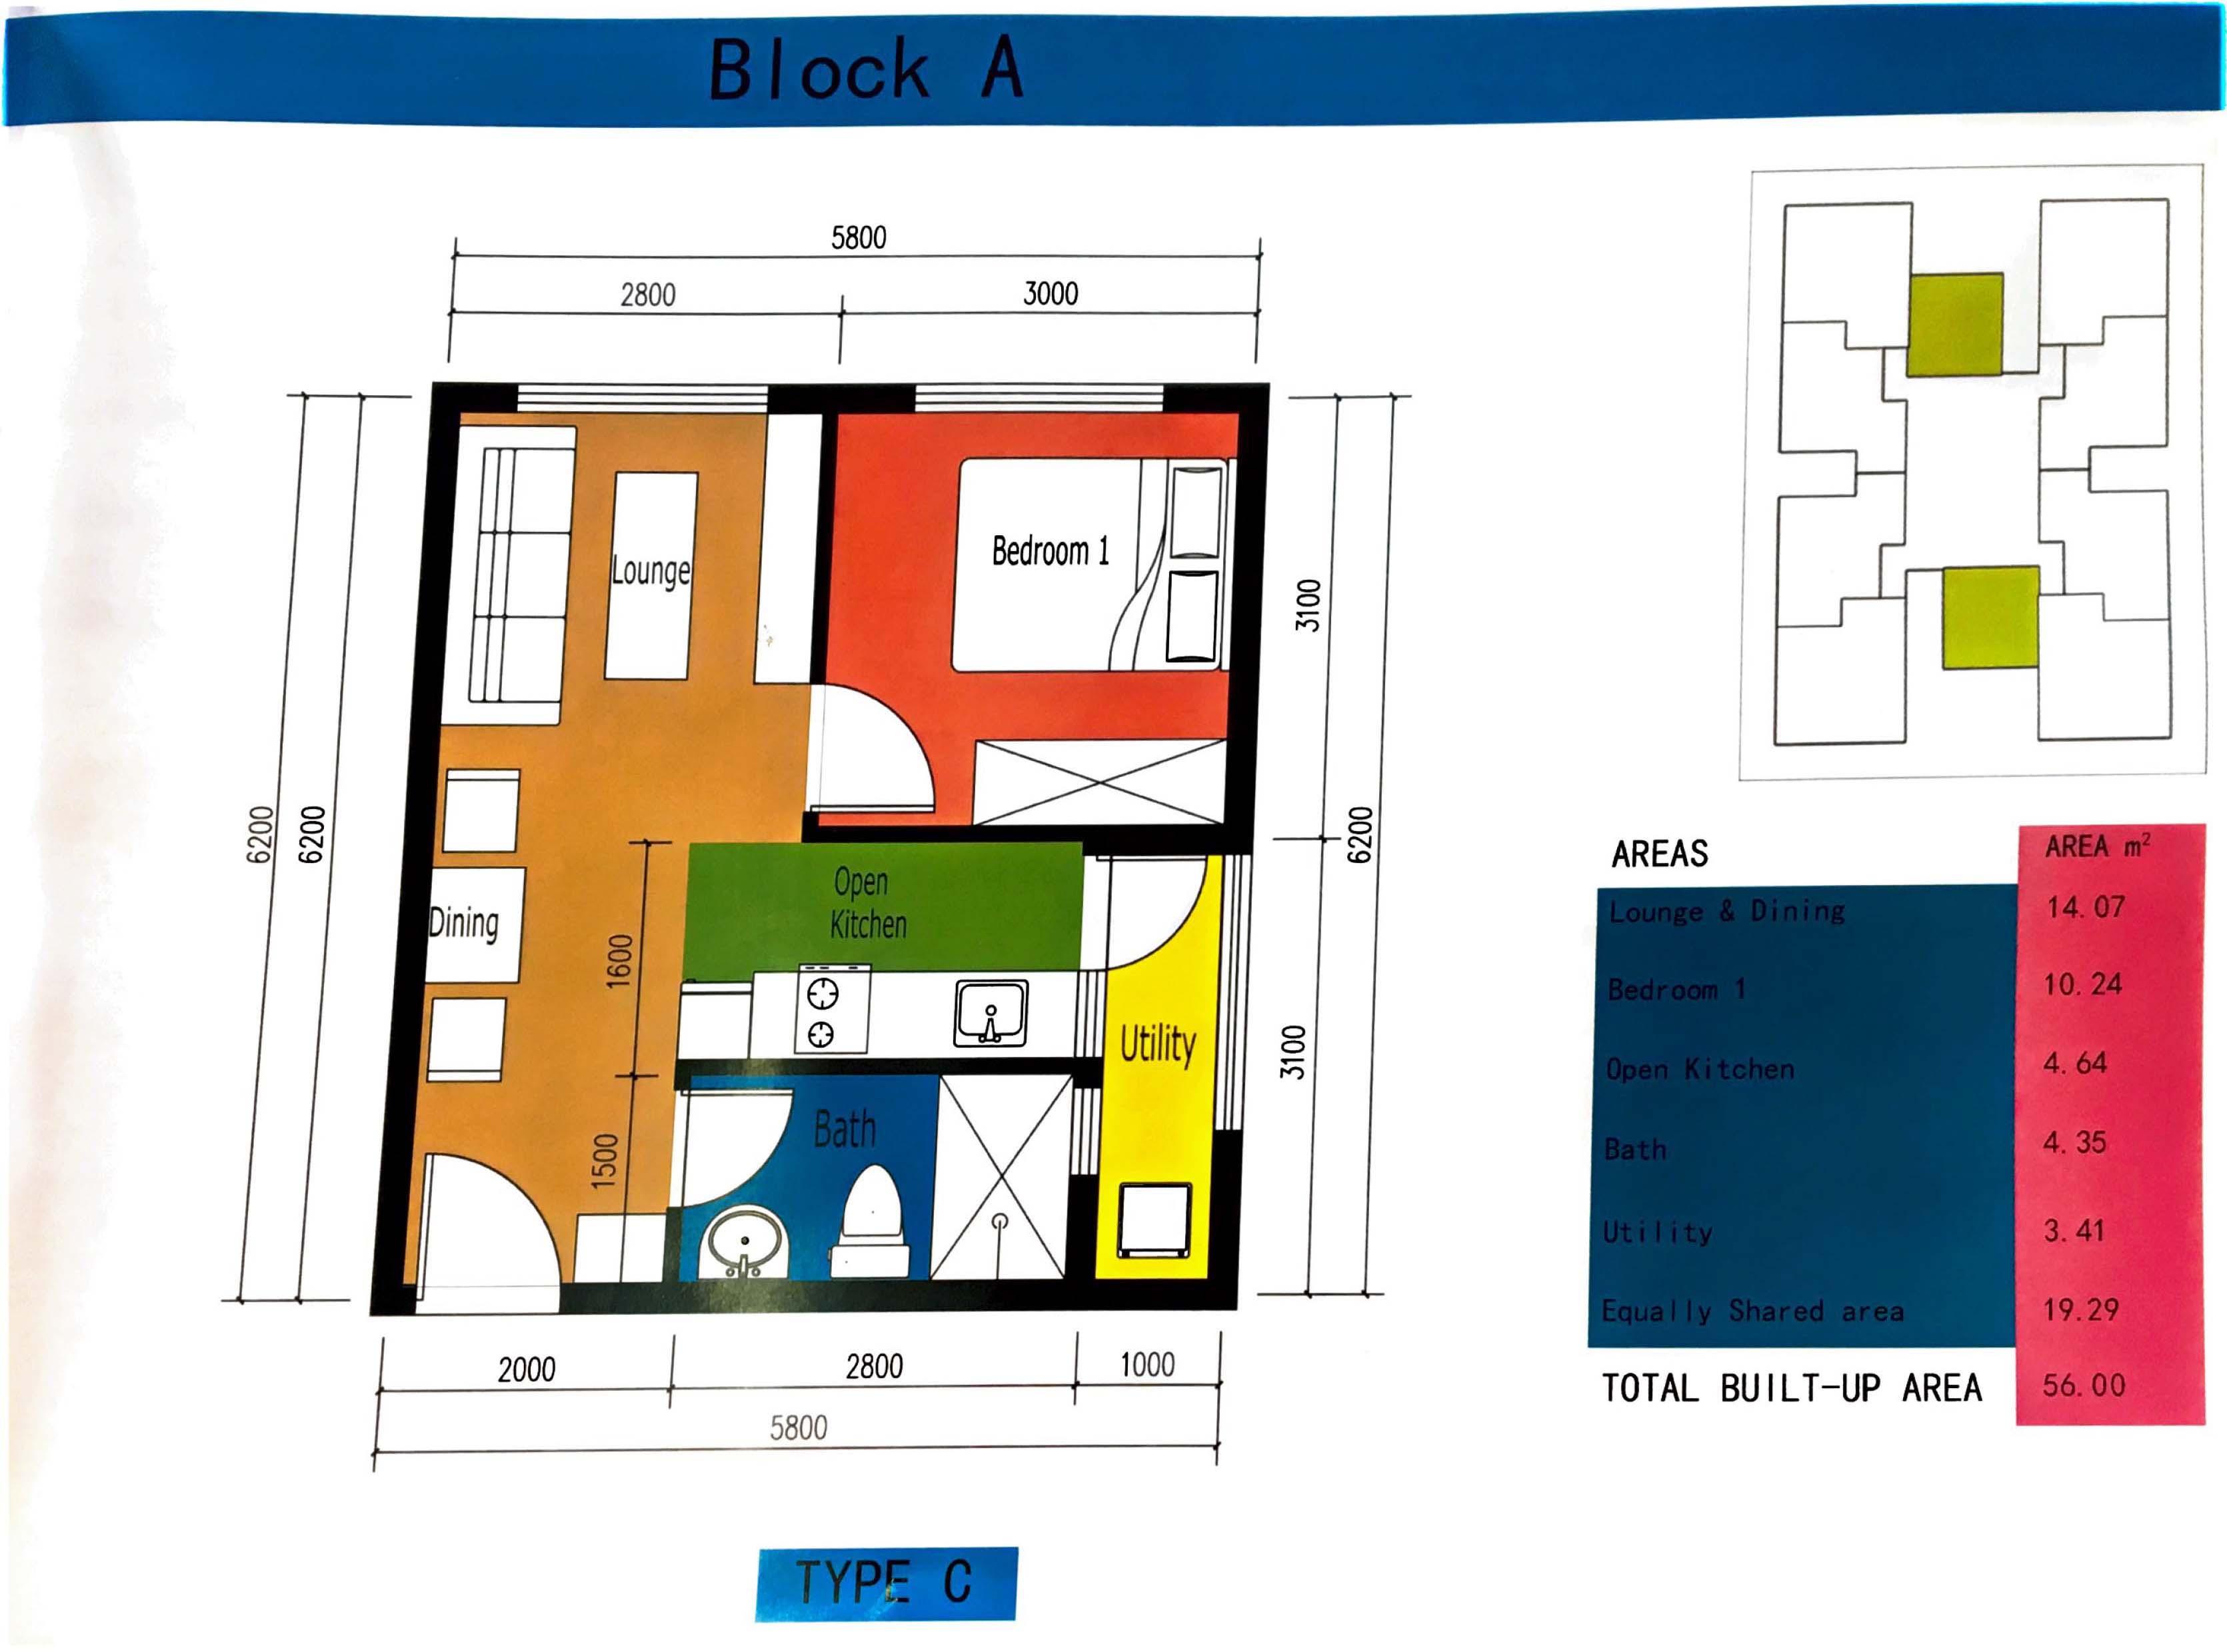 TYPE C 1 BEDROOM FLOOR PLAN